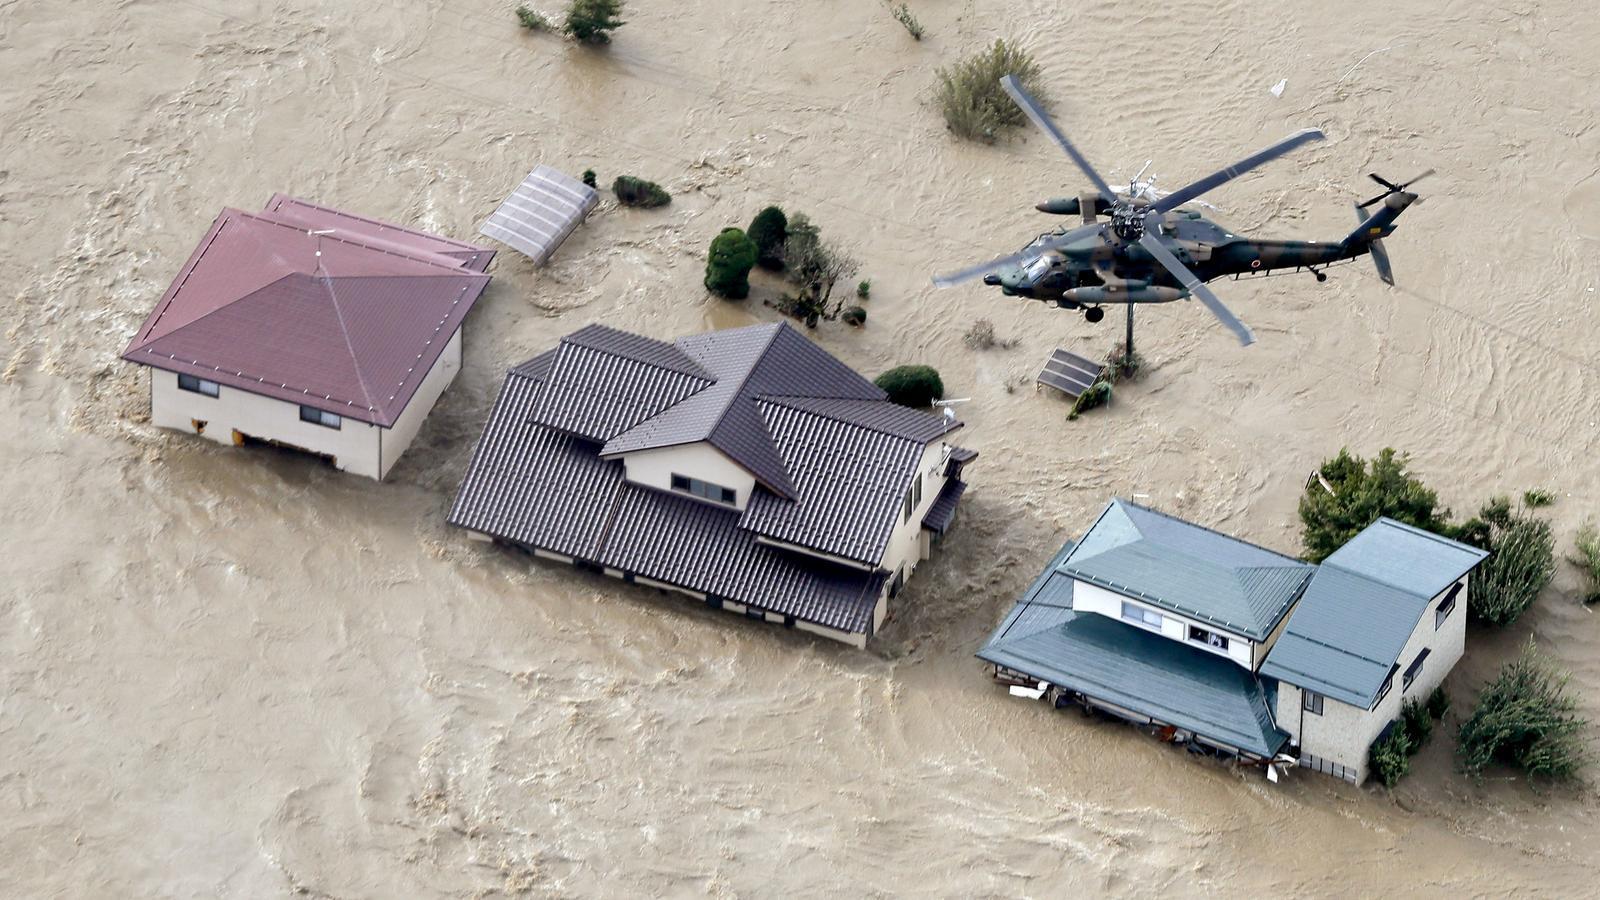 Recull de les imatges  que ha deixat el tifó 'Hagibis' al seu pas pel Japó